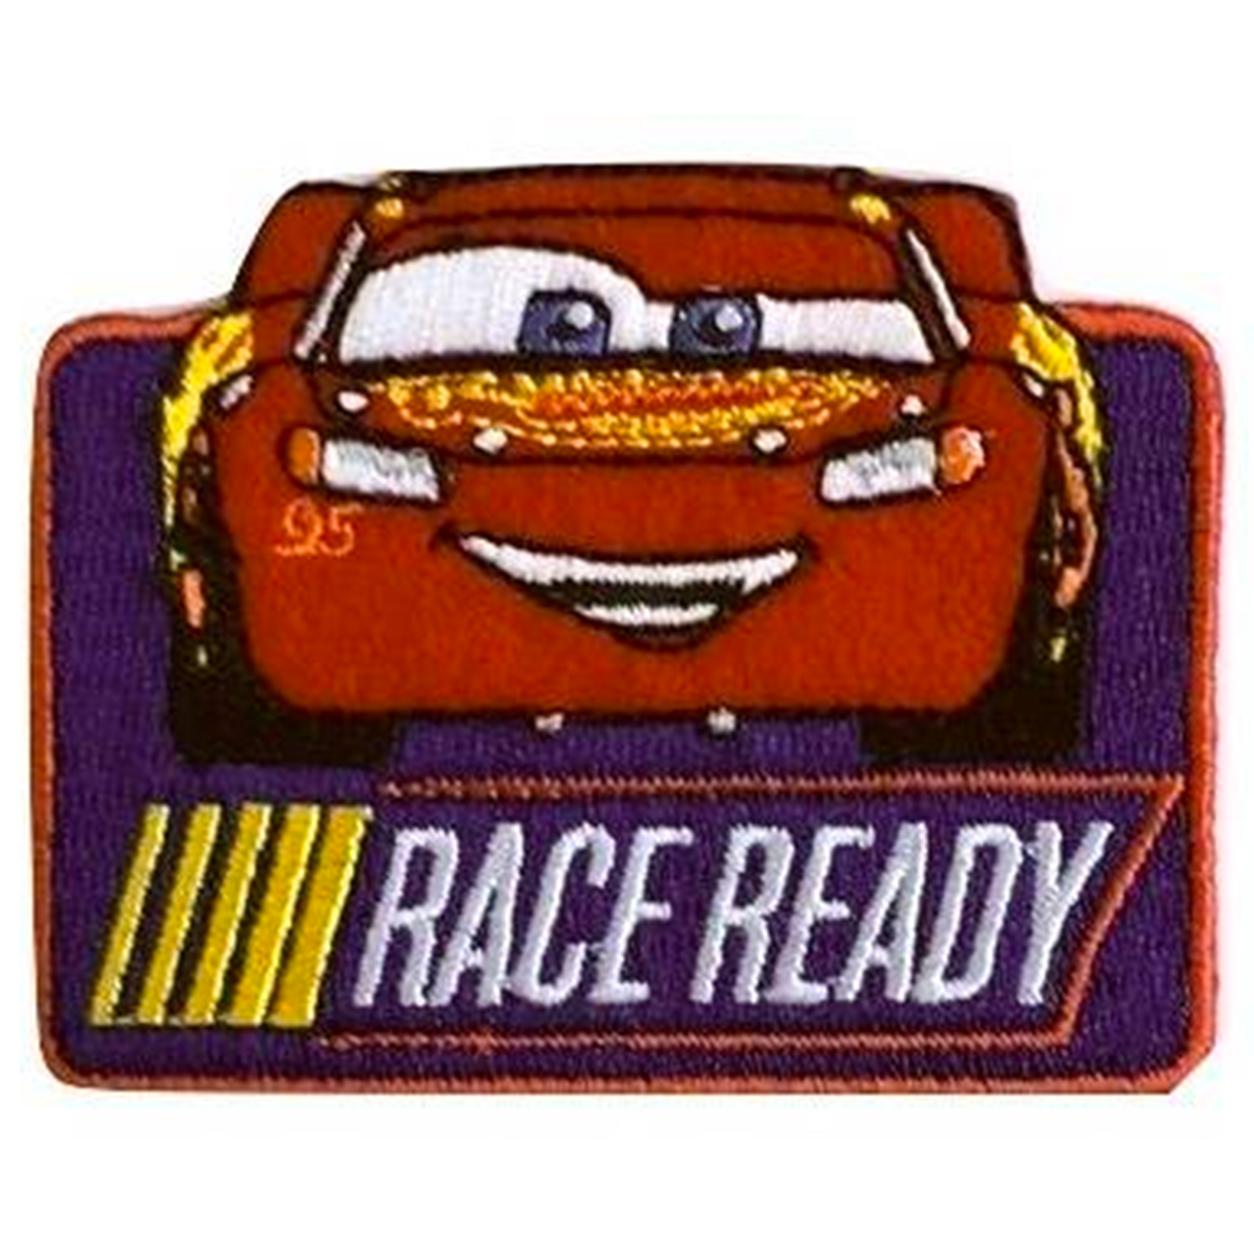 Applicazione Termoadesiva Disney Cars Saetta Race Ready